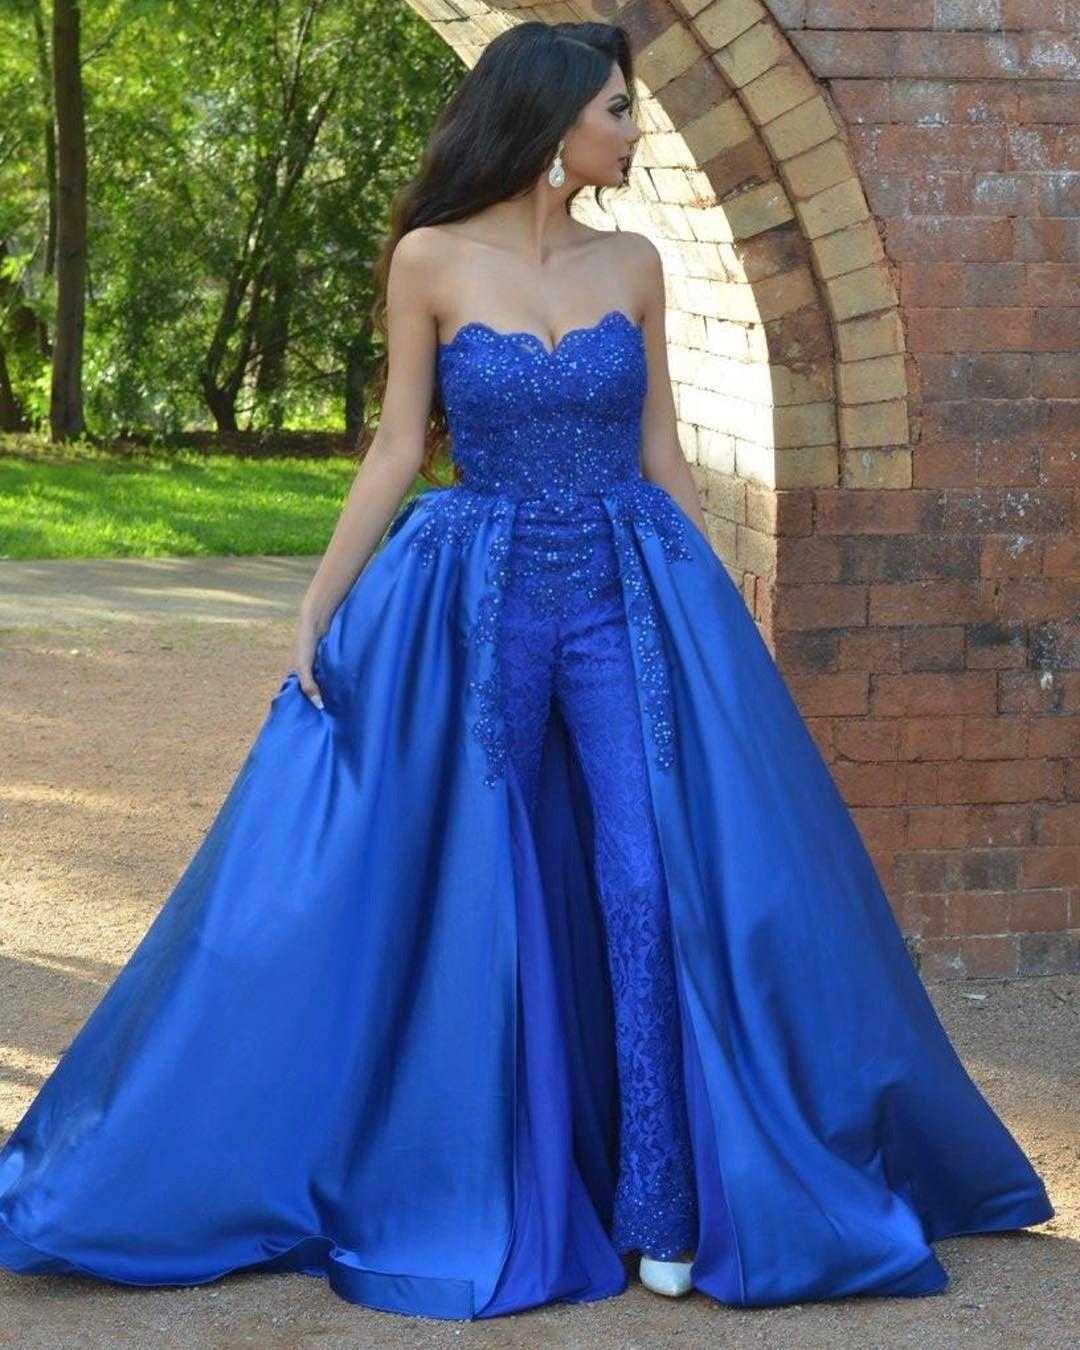 Königsblau Overalls Lace Prom Kleider trägerlosen Hals Perlen Überrock Abendkleider Vestidos De Fiesta Sweep Zug Appliqued Formal Dress